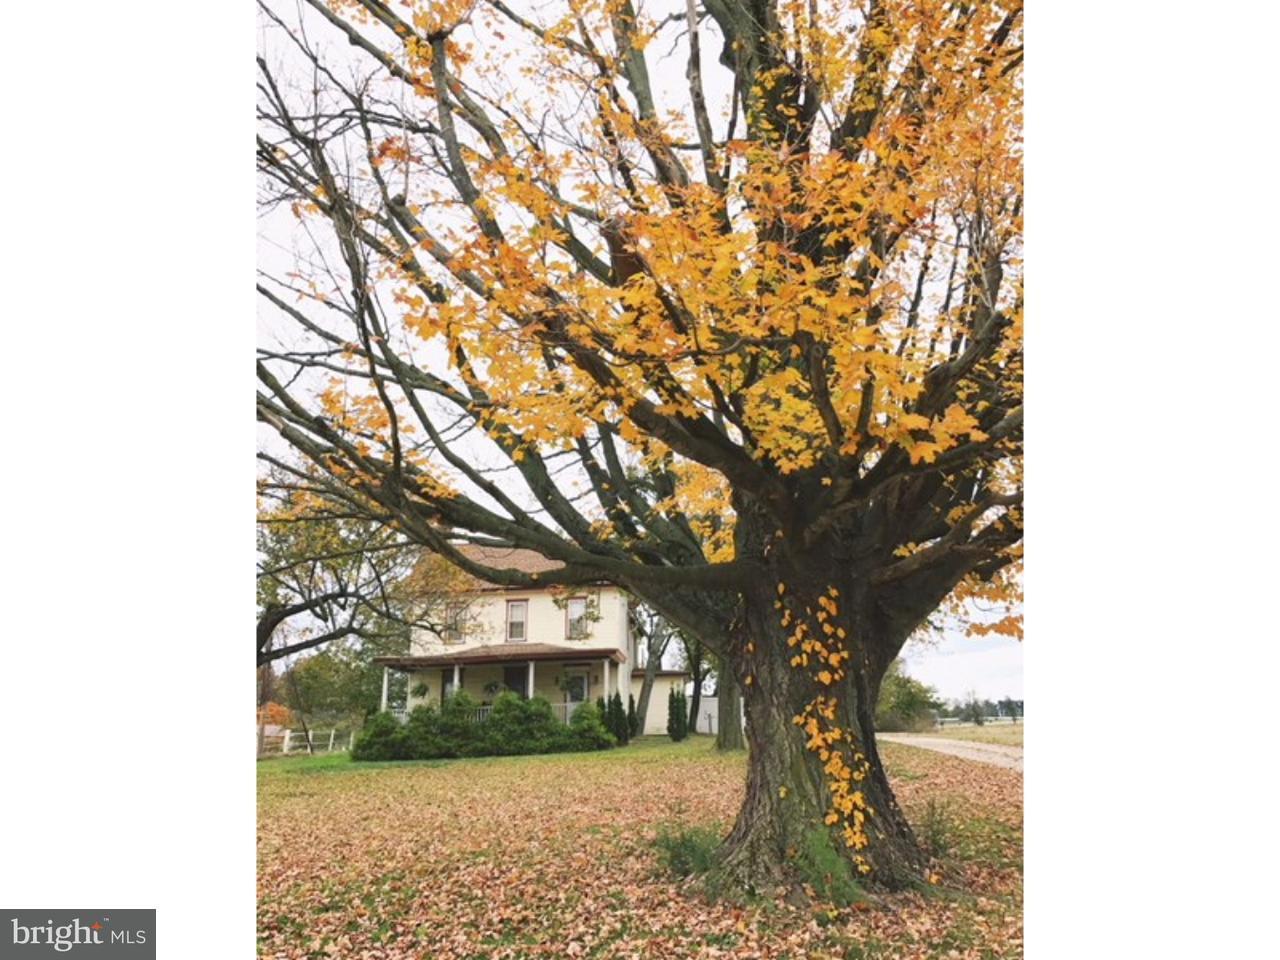 Частный односемейный дом для того Продажа на 567 ELDRIDGES HILL Road Pilesgrove, Нью-Джерси 08098 Соединенные Штаты